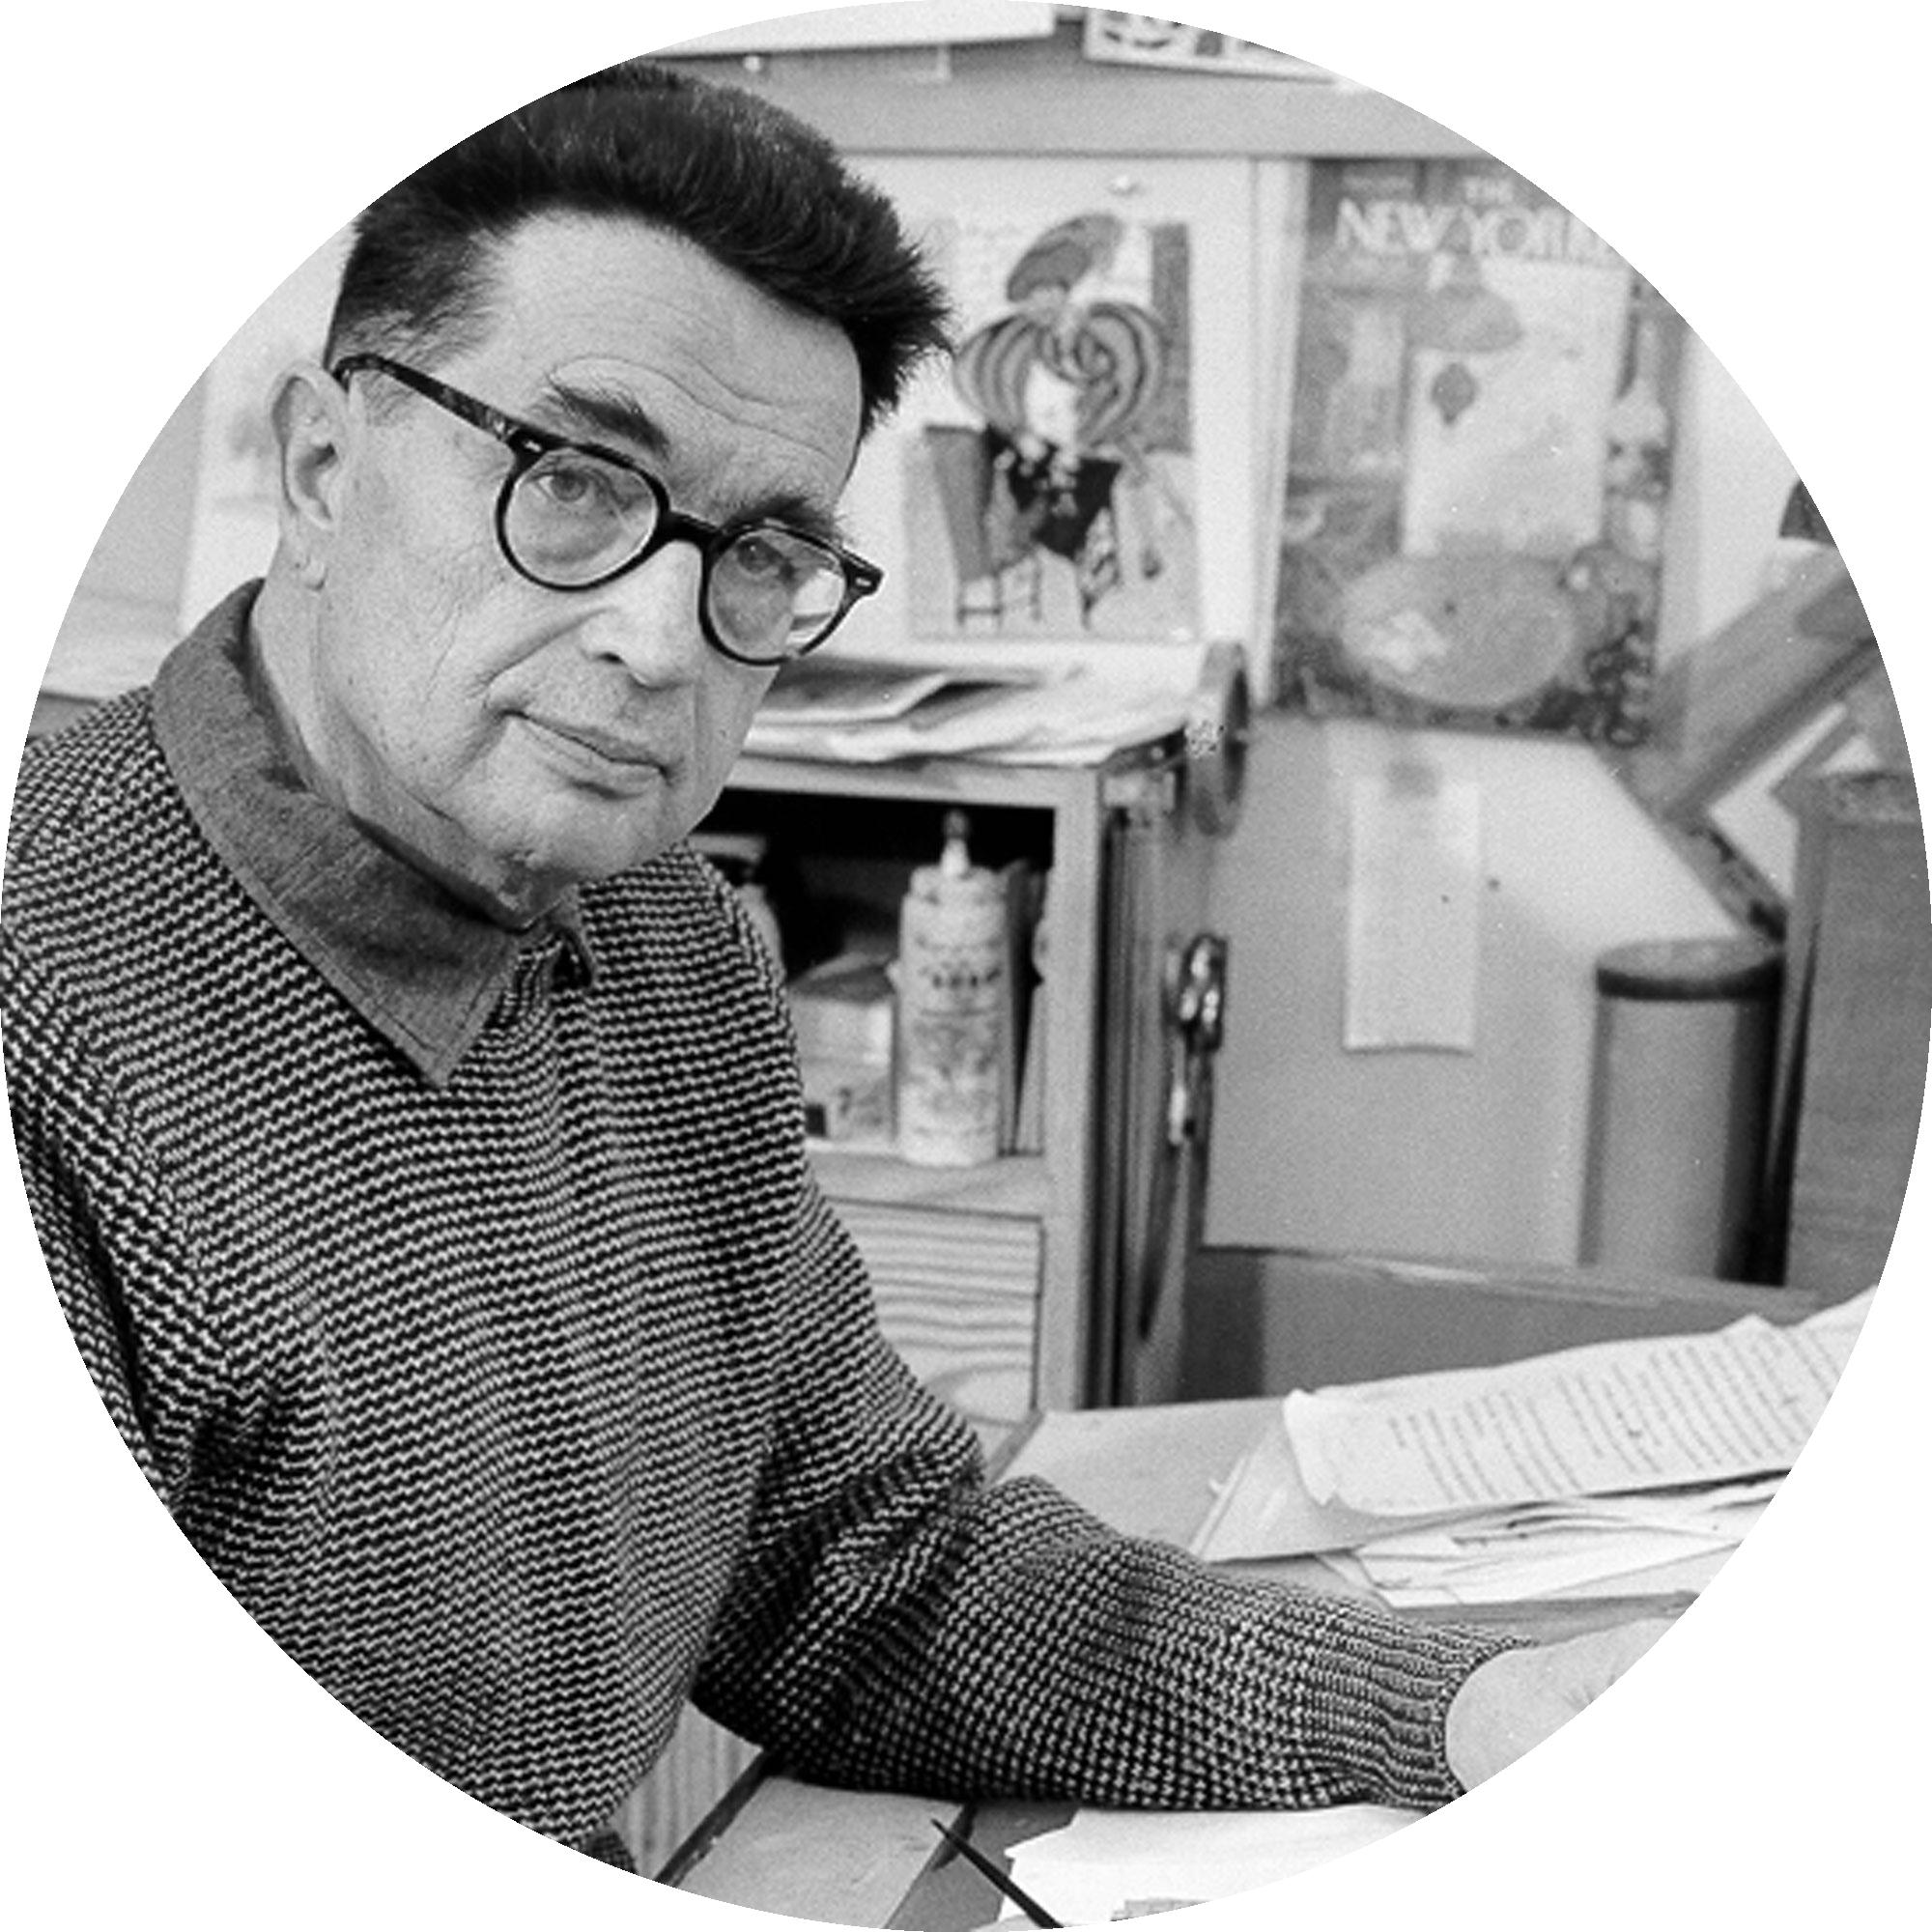 Roger Duvoisin